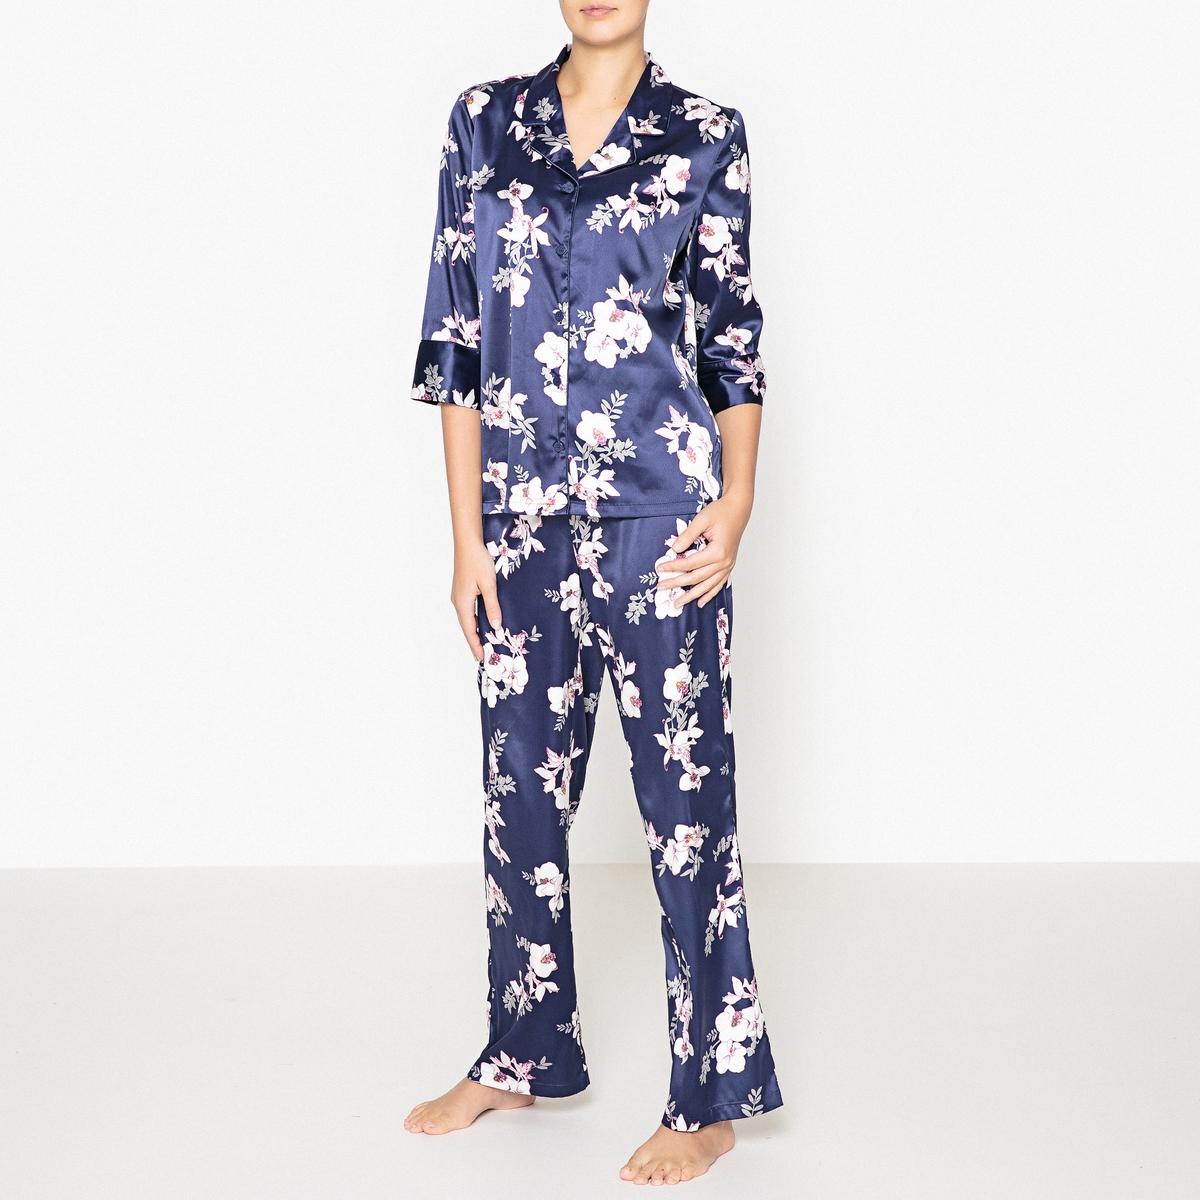 Пижама в винтажном стилеПижама в винтажном стиле с цветочным рисунком, Louise Marnay.Пижама из 2 предметов прямого покроя из  сатина с цветочным рисунком в винтажном стиле. Верх: рукава 3/4. Брюки с эластичным поясом на завязках. Состав и описание : Материал : 96% полиэстера, 4% эластанаДлина :Верх : 65 смПо внутр.шву : 76 смМарка : Louise Marnay.Уход:Машинная стирка при 30 °С на деликатном режиме с вещами схожих цветов.Стирать и гладить при низкой температуре с изнаночной стороны.Машинная сушка запрещена.<br><br>Цвет: цветочный рисунок<br>Размер: 52 (FR) - 58 (RUS).38 (FR) - 44 (RUS).46 (FR) - 52 (RUS).42 (FR) - 48 (RUS).40 (FR) - 46 (RUS)